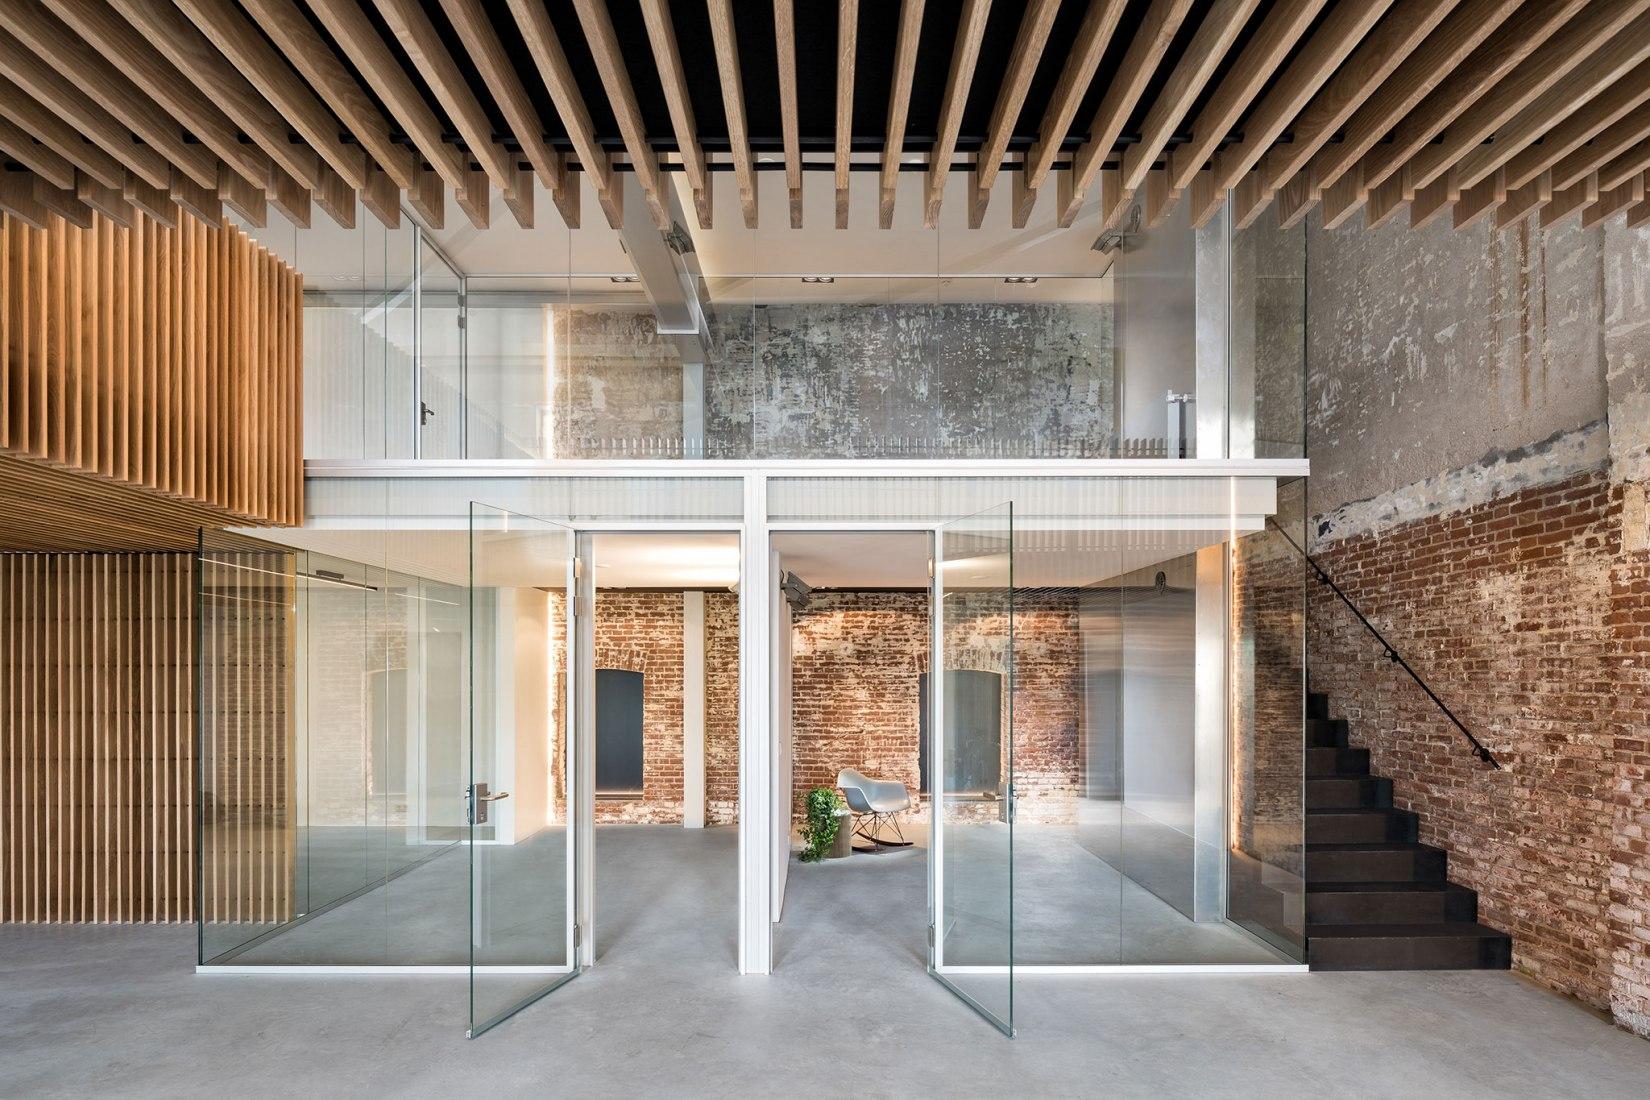 Rehabilitación de un almacén por Firm Architects. Fotografía por Studio de Nooyer